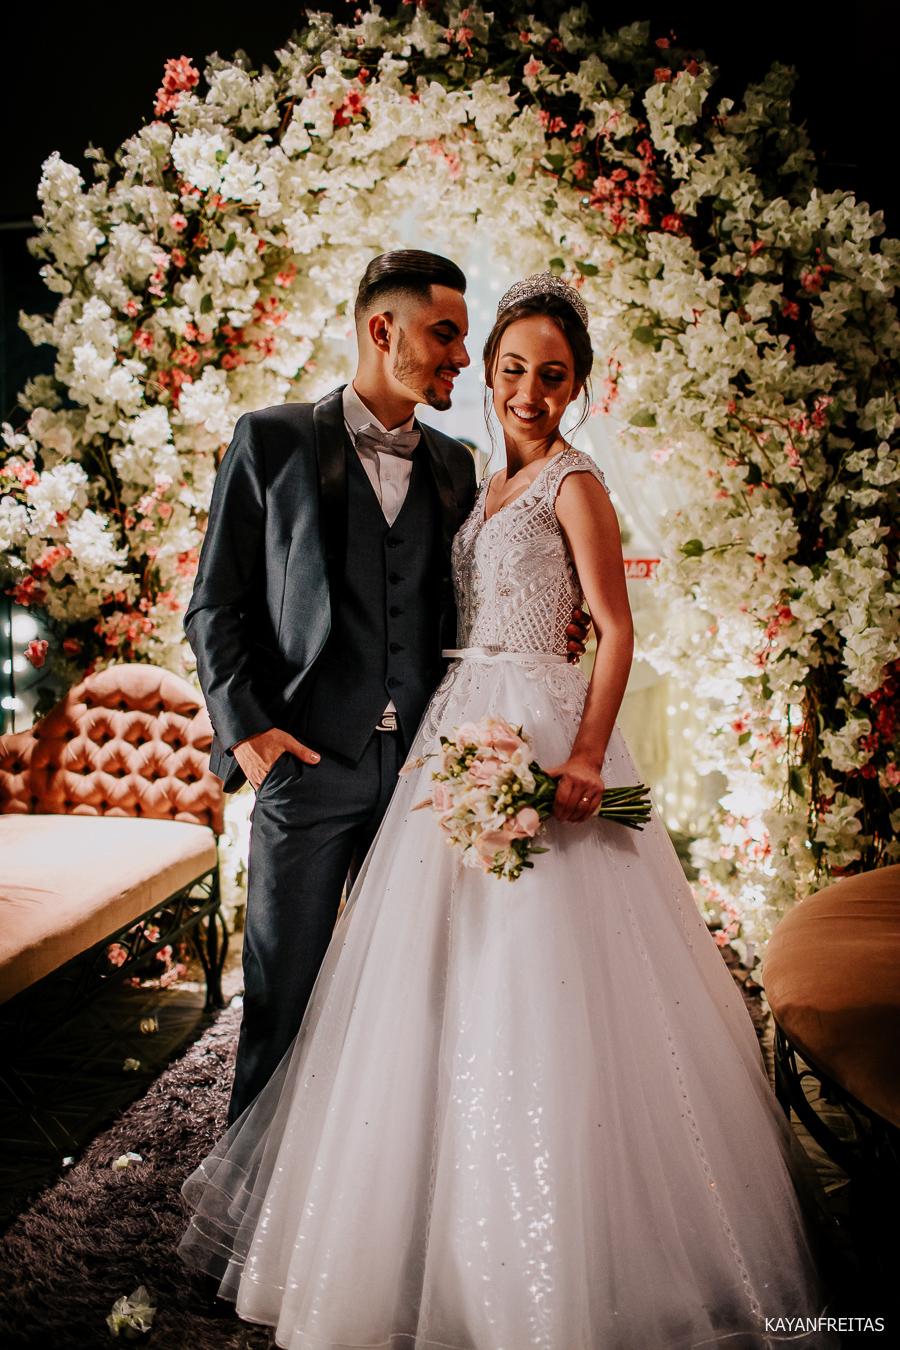 luiza-junior-casamento-0116 Casamento Luiza e Junior - Paula Ramos Florianópolis